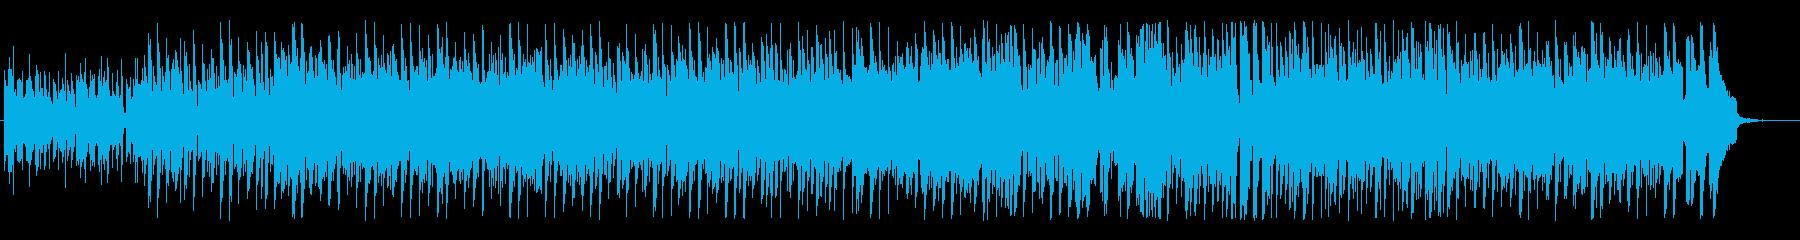 優しい印象のテクノポップの再生済みの波形